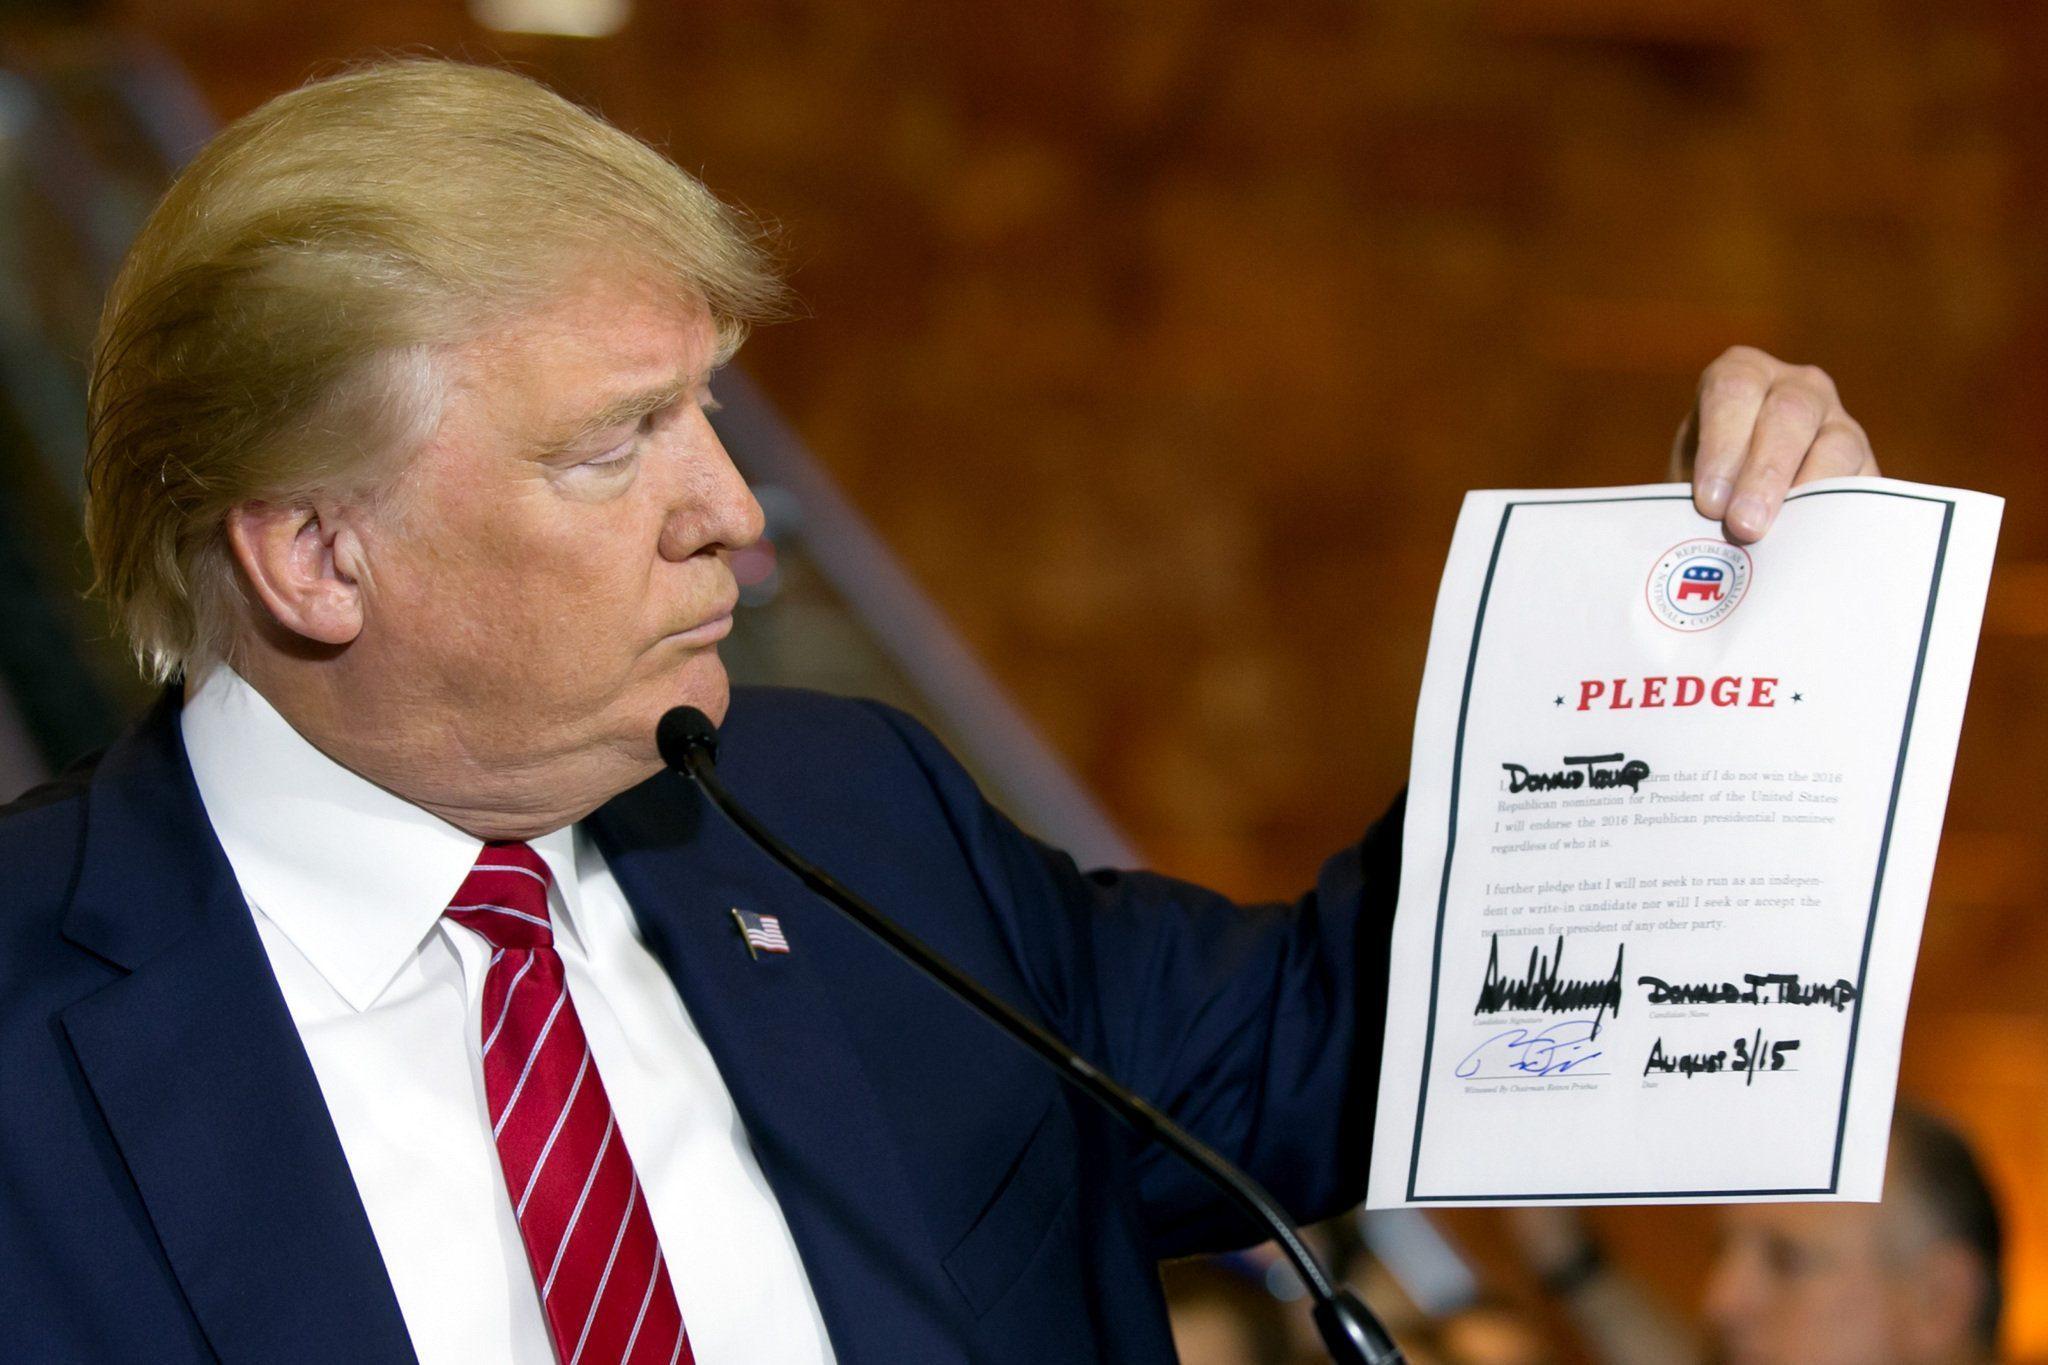 PLEDGE trump-pledge-f647cc3a7988e1eb